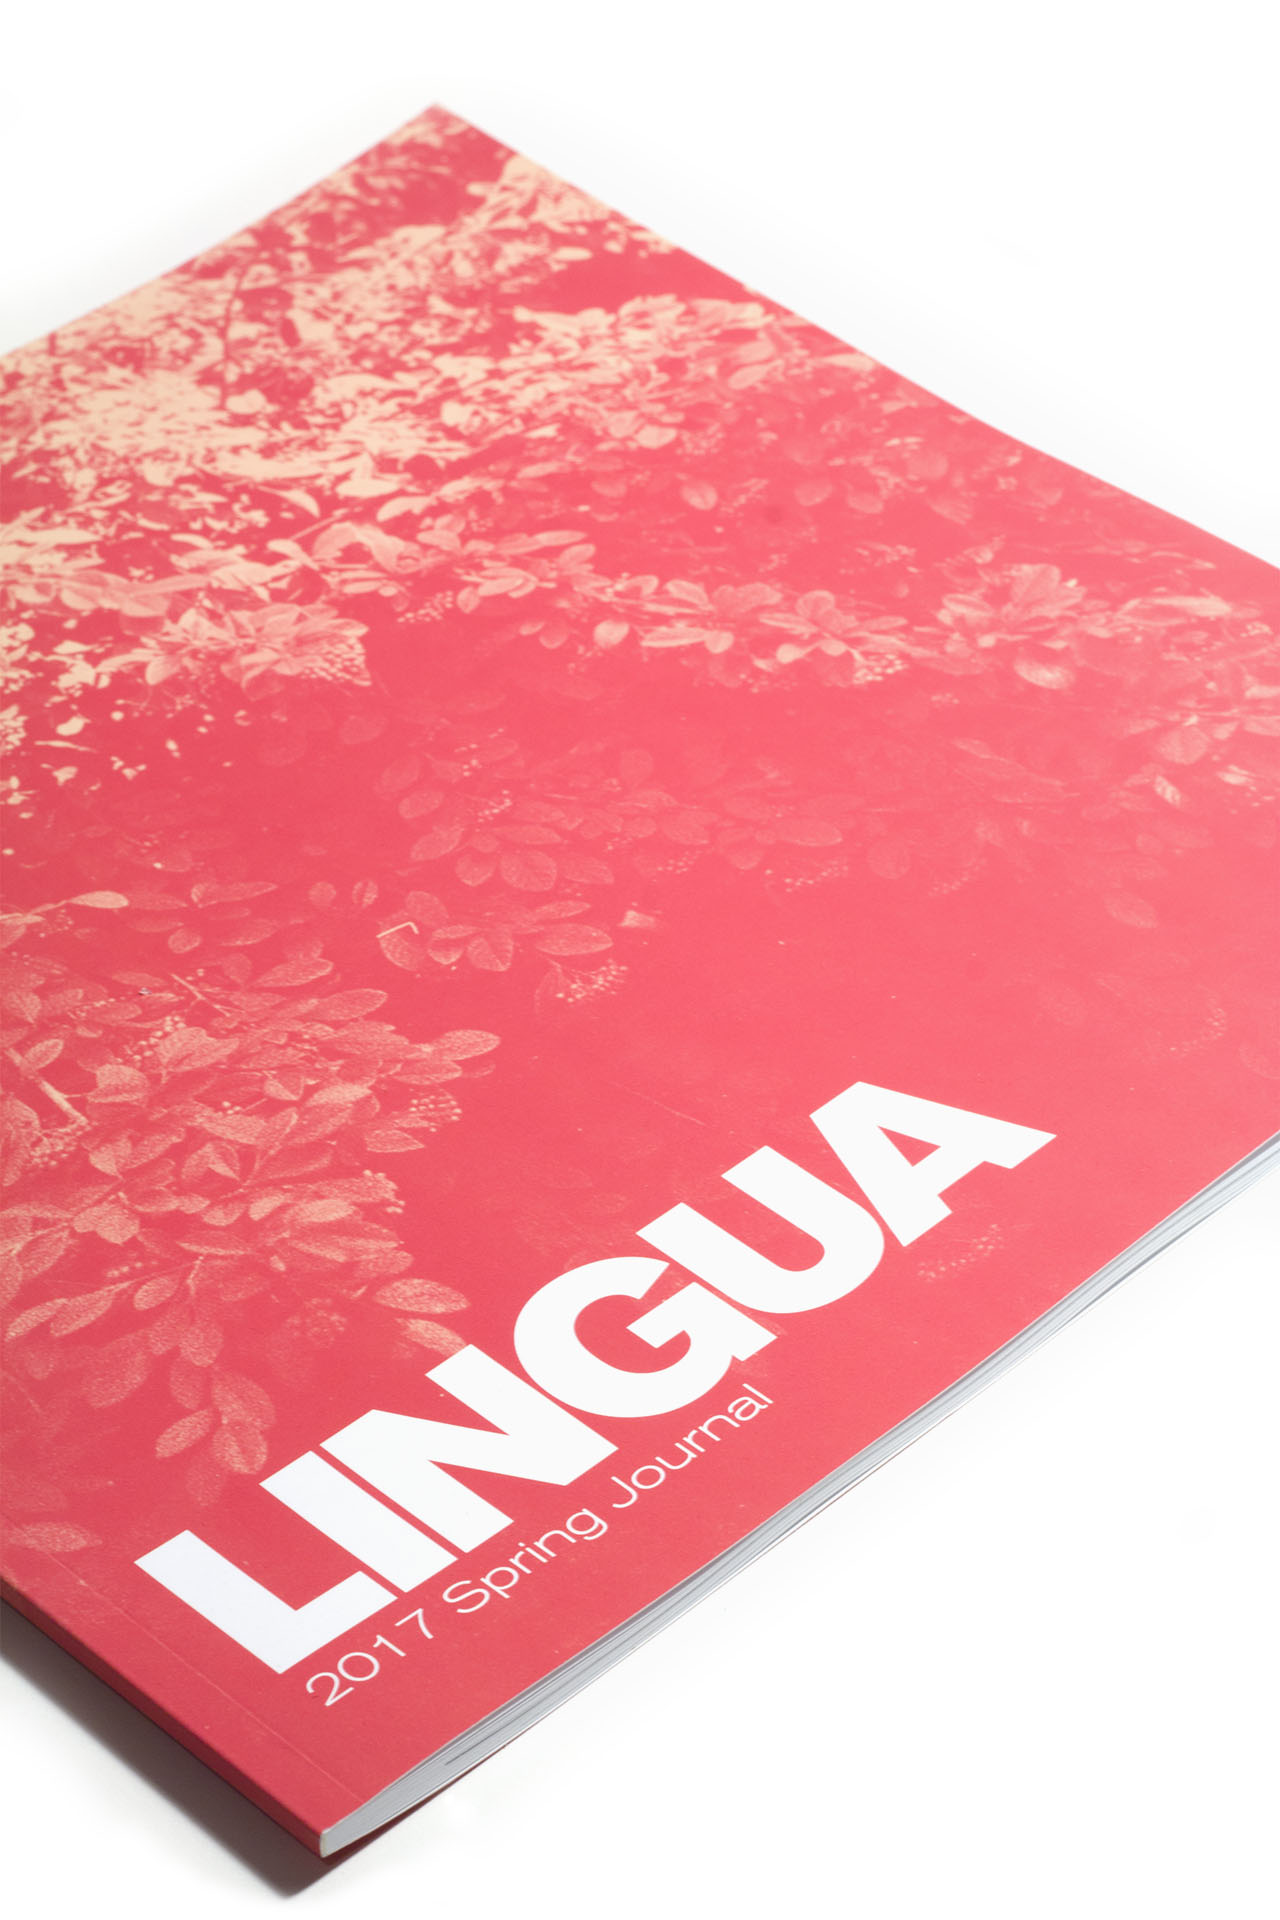 Lingua Journal